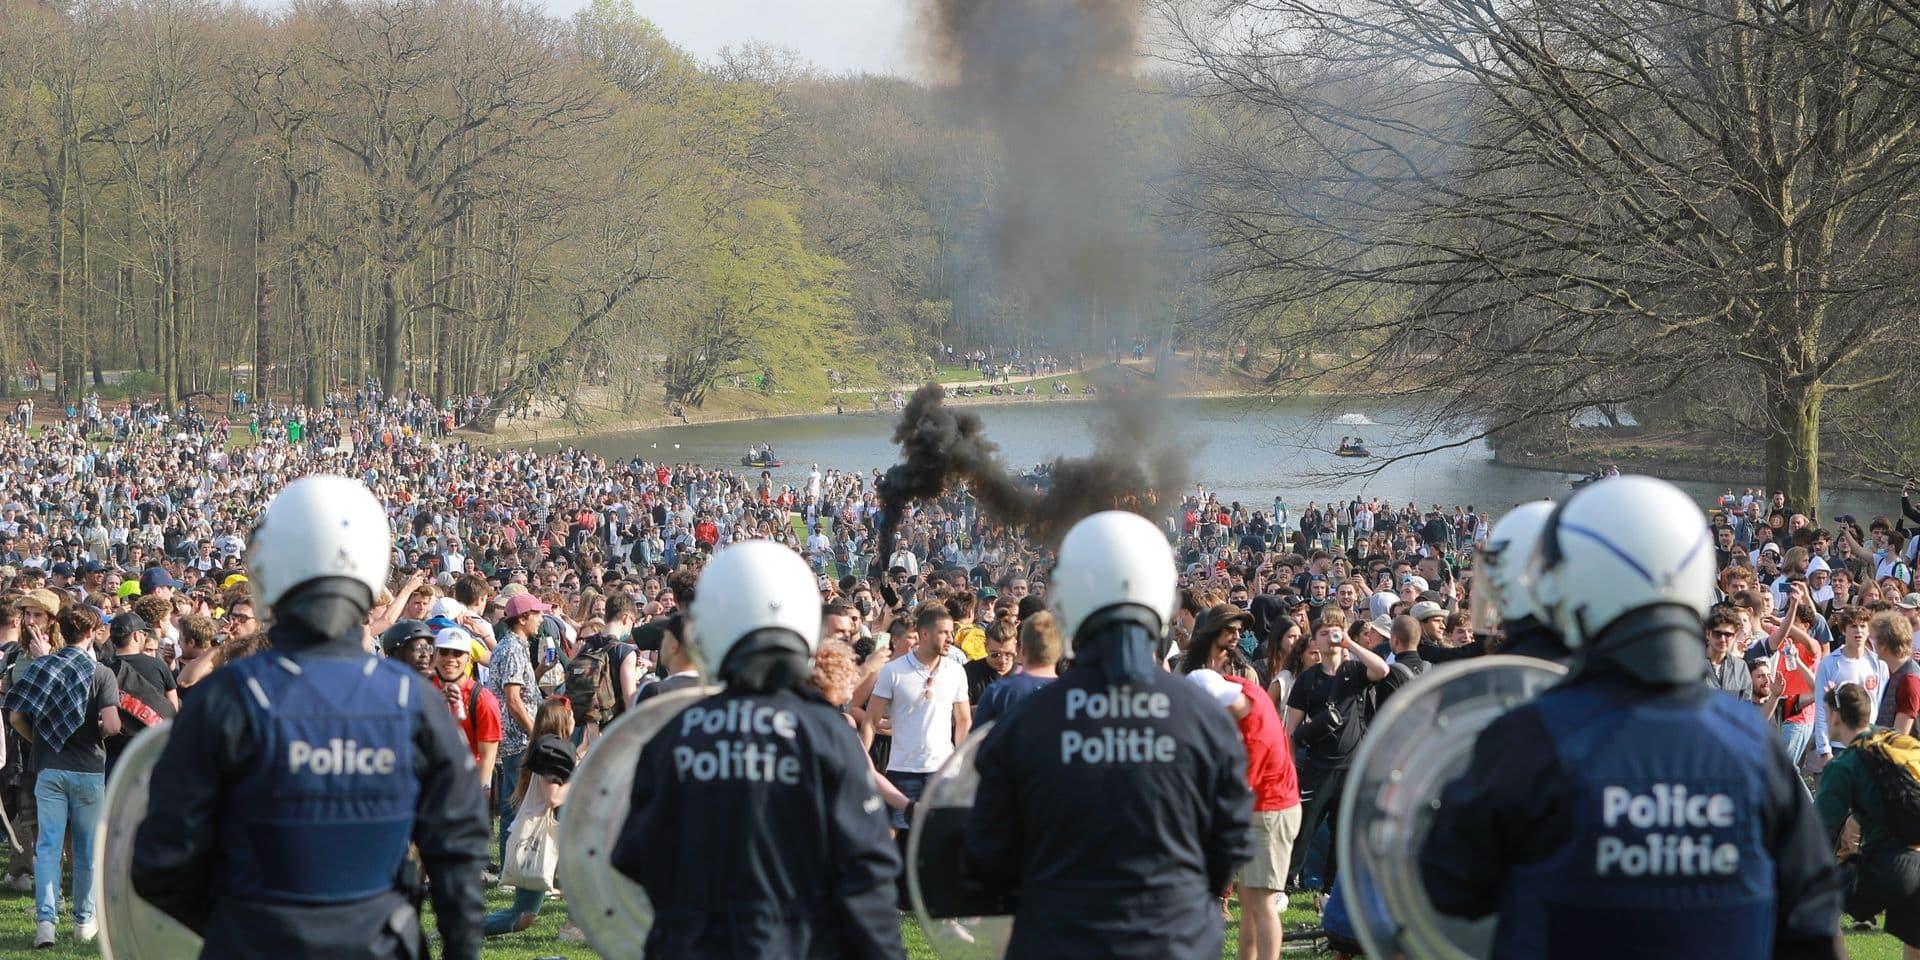 La police recherche ces 4 individus qui étaient présents au Bois de la Cambre lors la Boum du 1er avril